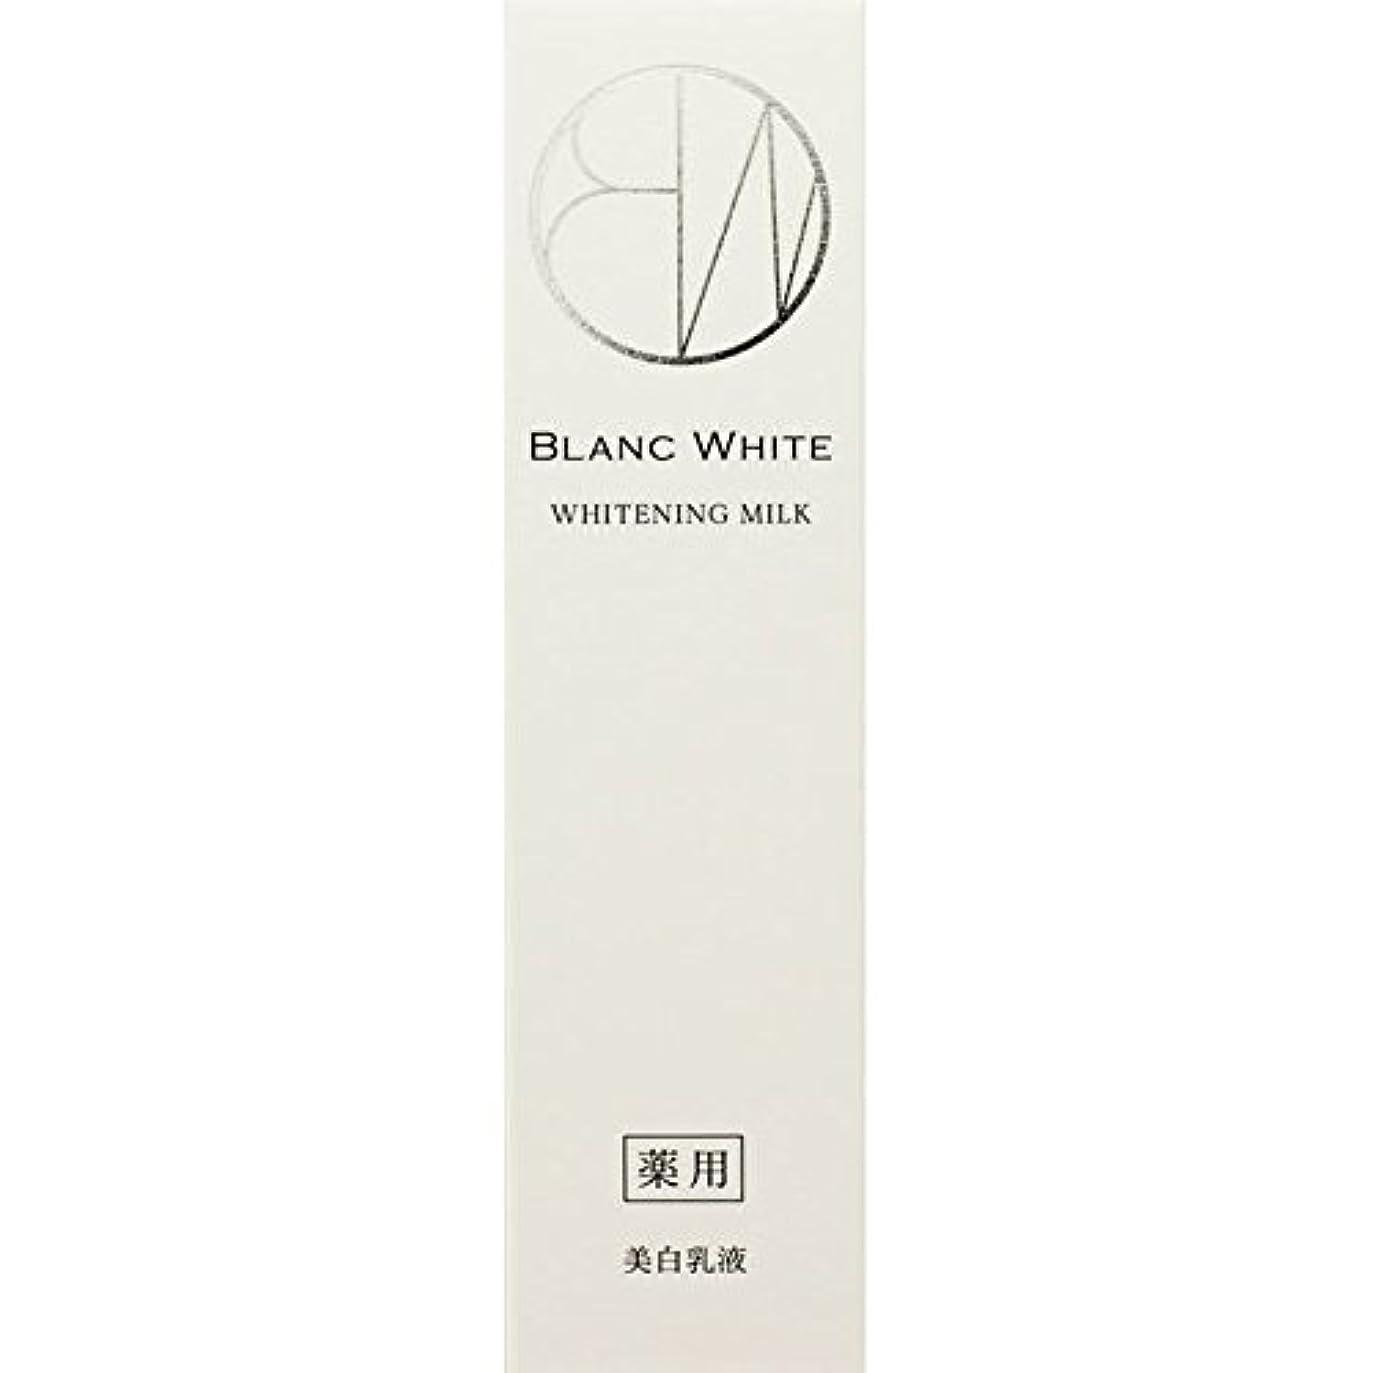 絵残酷部屋を掃除するブランホワイト ホワイトニングミルク 125ml (医薬部外品)